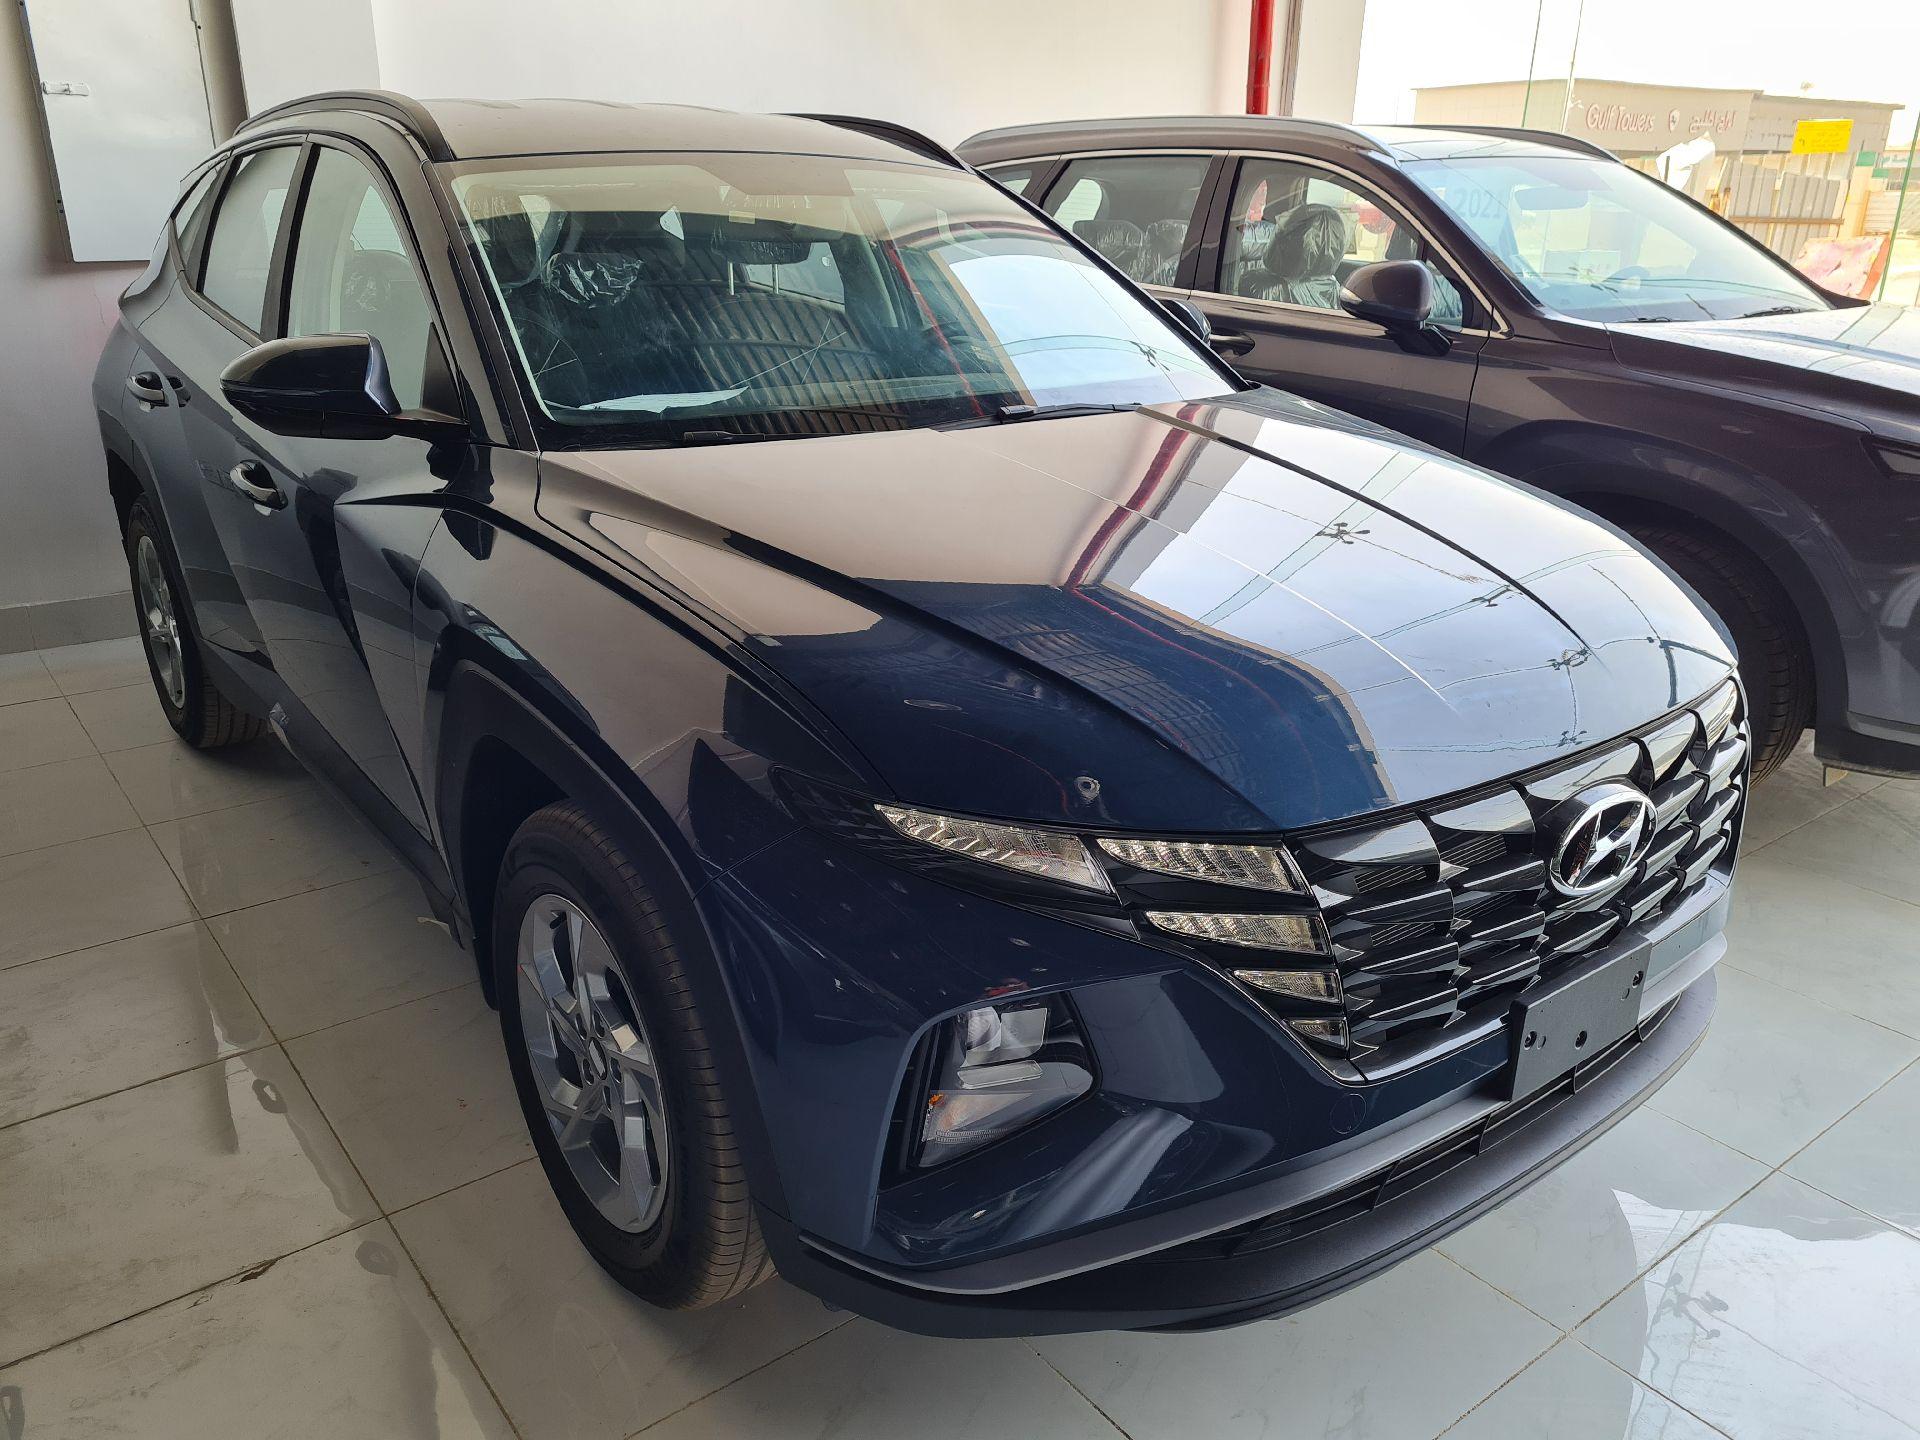 هونداي توسان Smart 2022 ستاندر سعودي للبيع في الرياض - السعودية - صورة كبيرة - 4